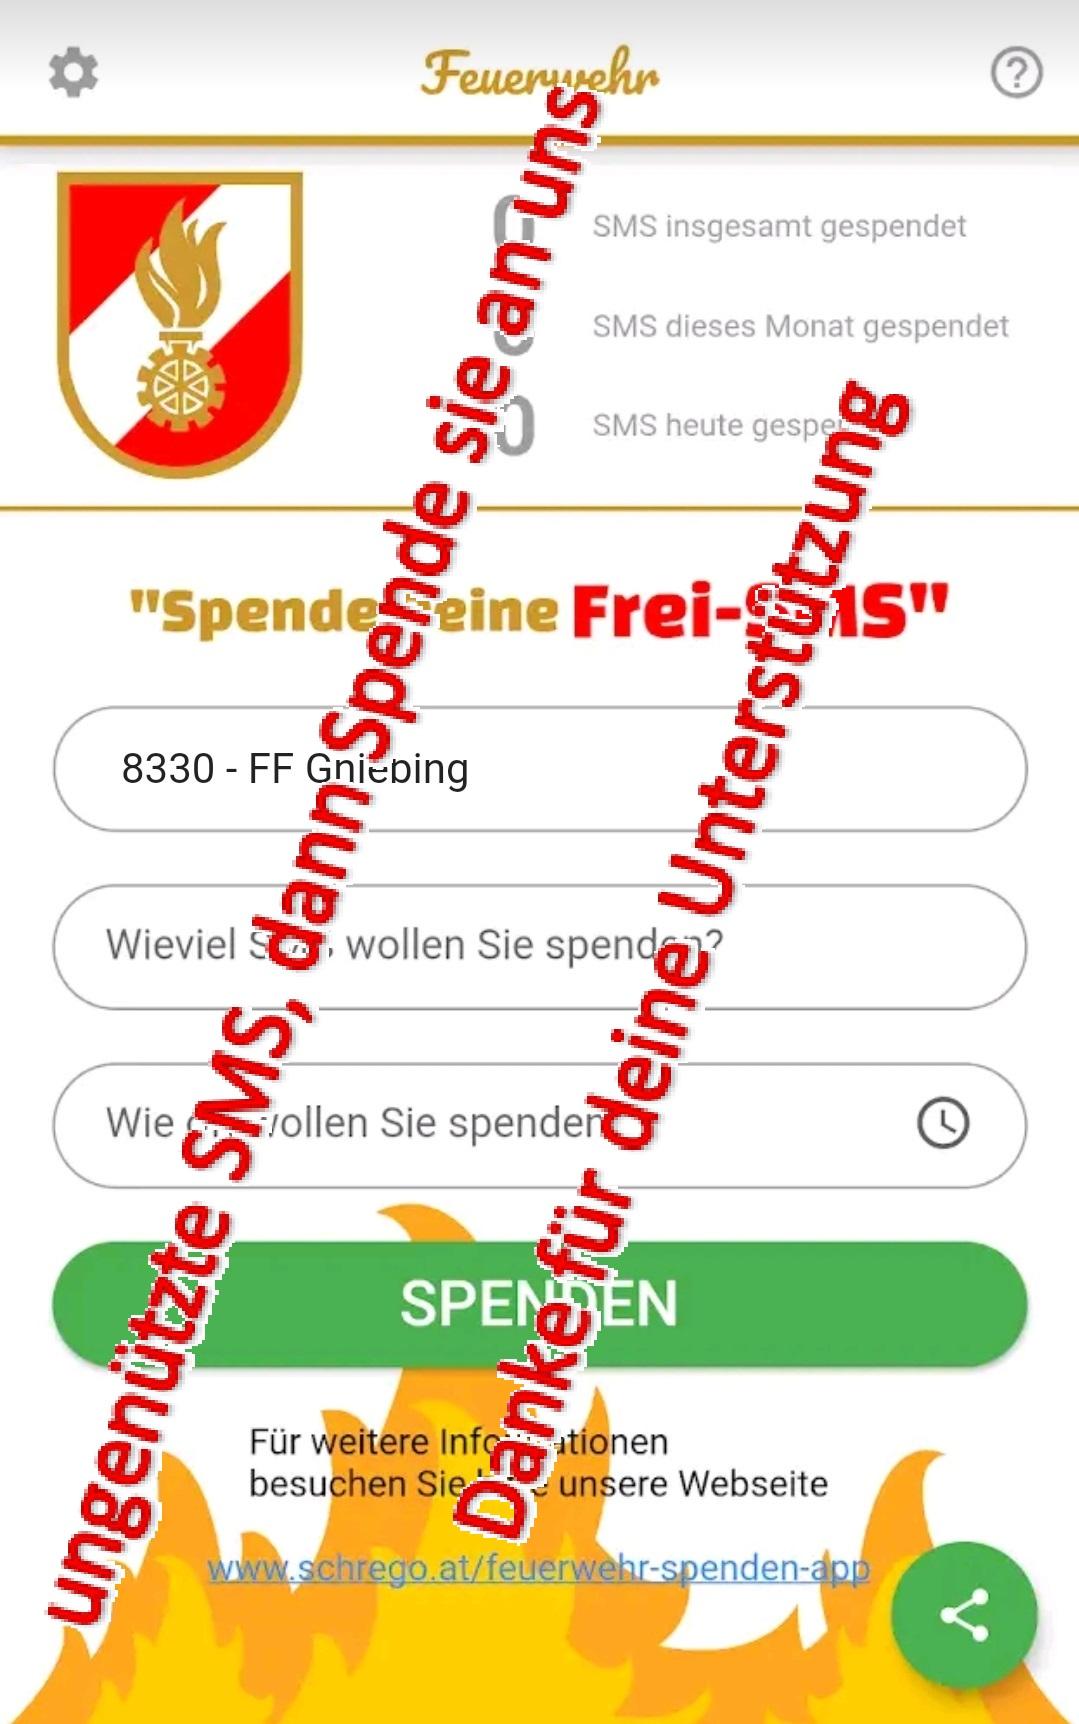 www.schrego.at/feuerwehr-spenden-app/